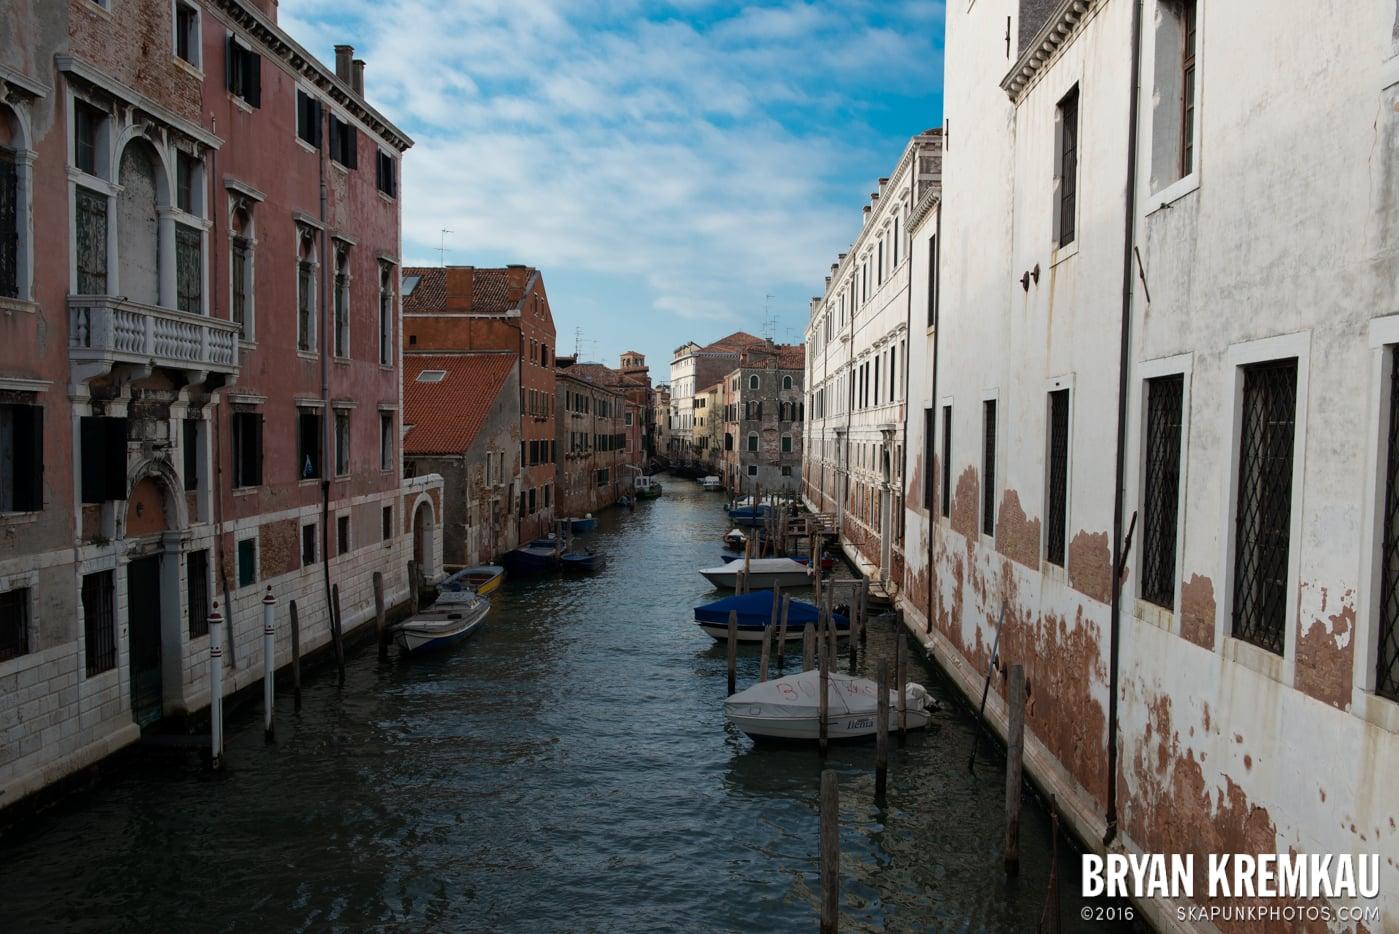 Italy Vacation - Day 6: Murano, Burano, Venice - 9.14.13 (99)